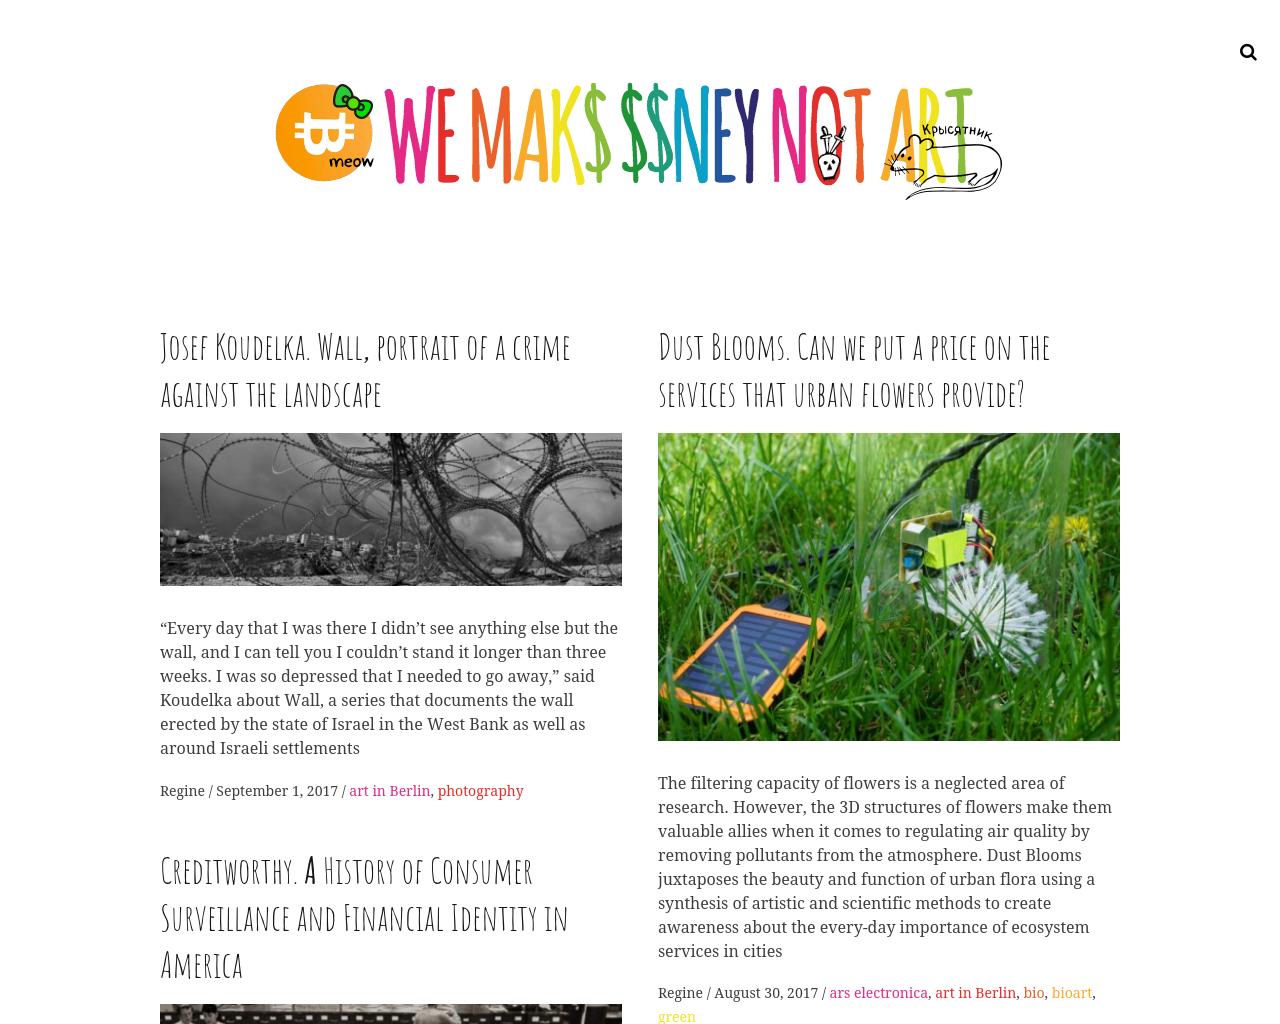 We-Make-Money-Not-Art-Advertising-Reviews-Pricing